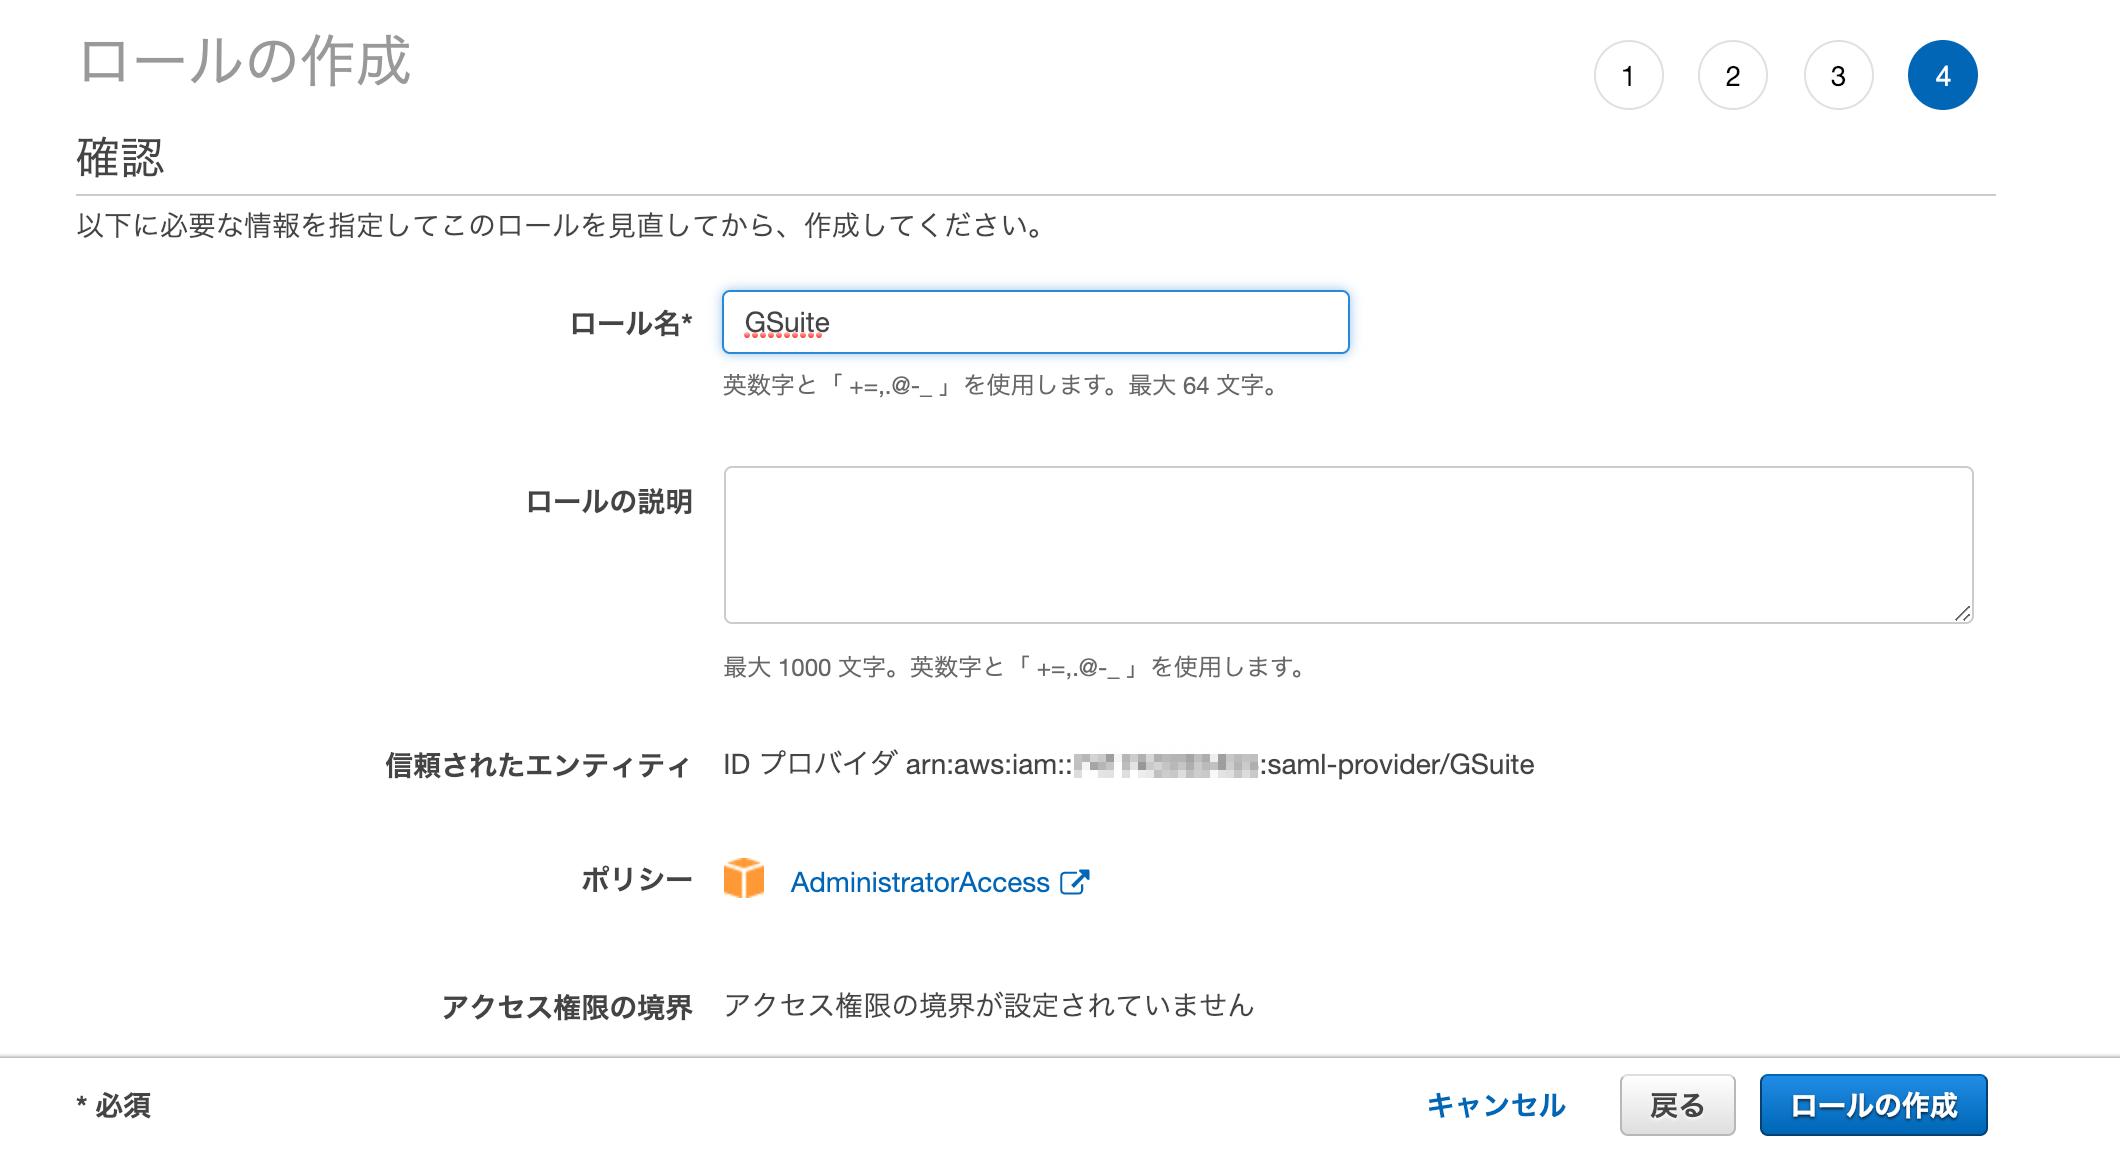 スクリーンショット 2019-01-05 0.20.54.png